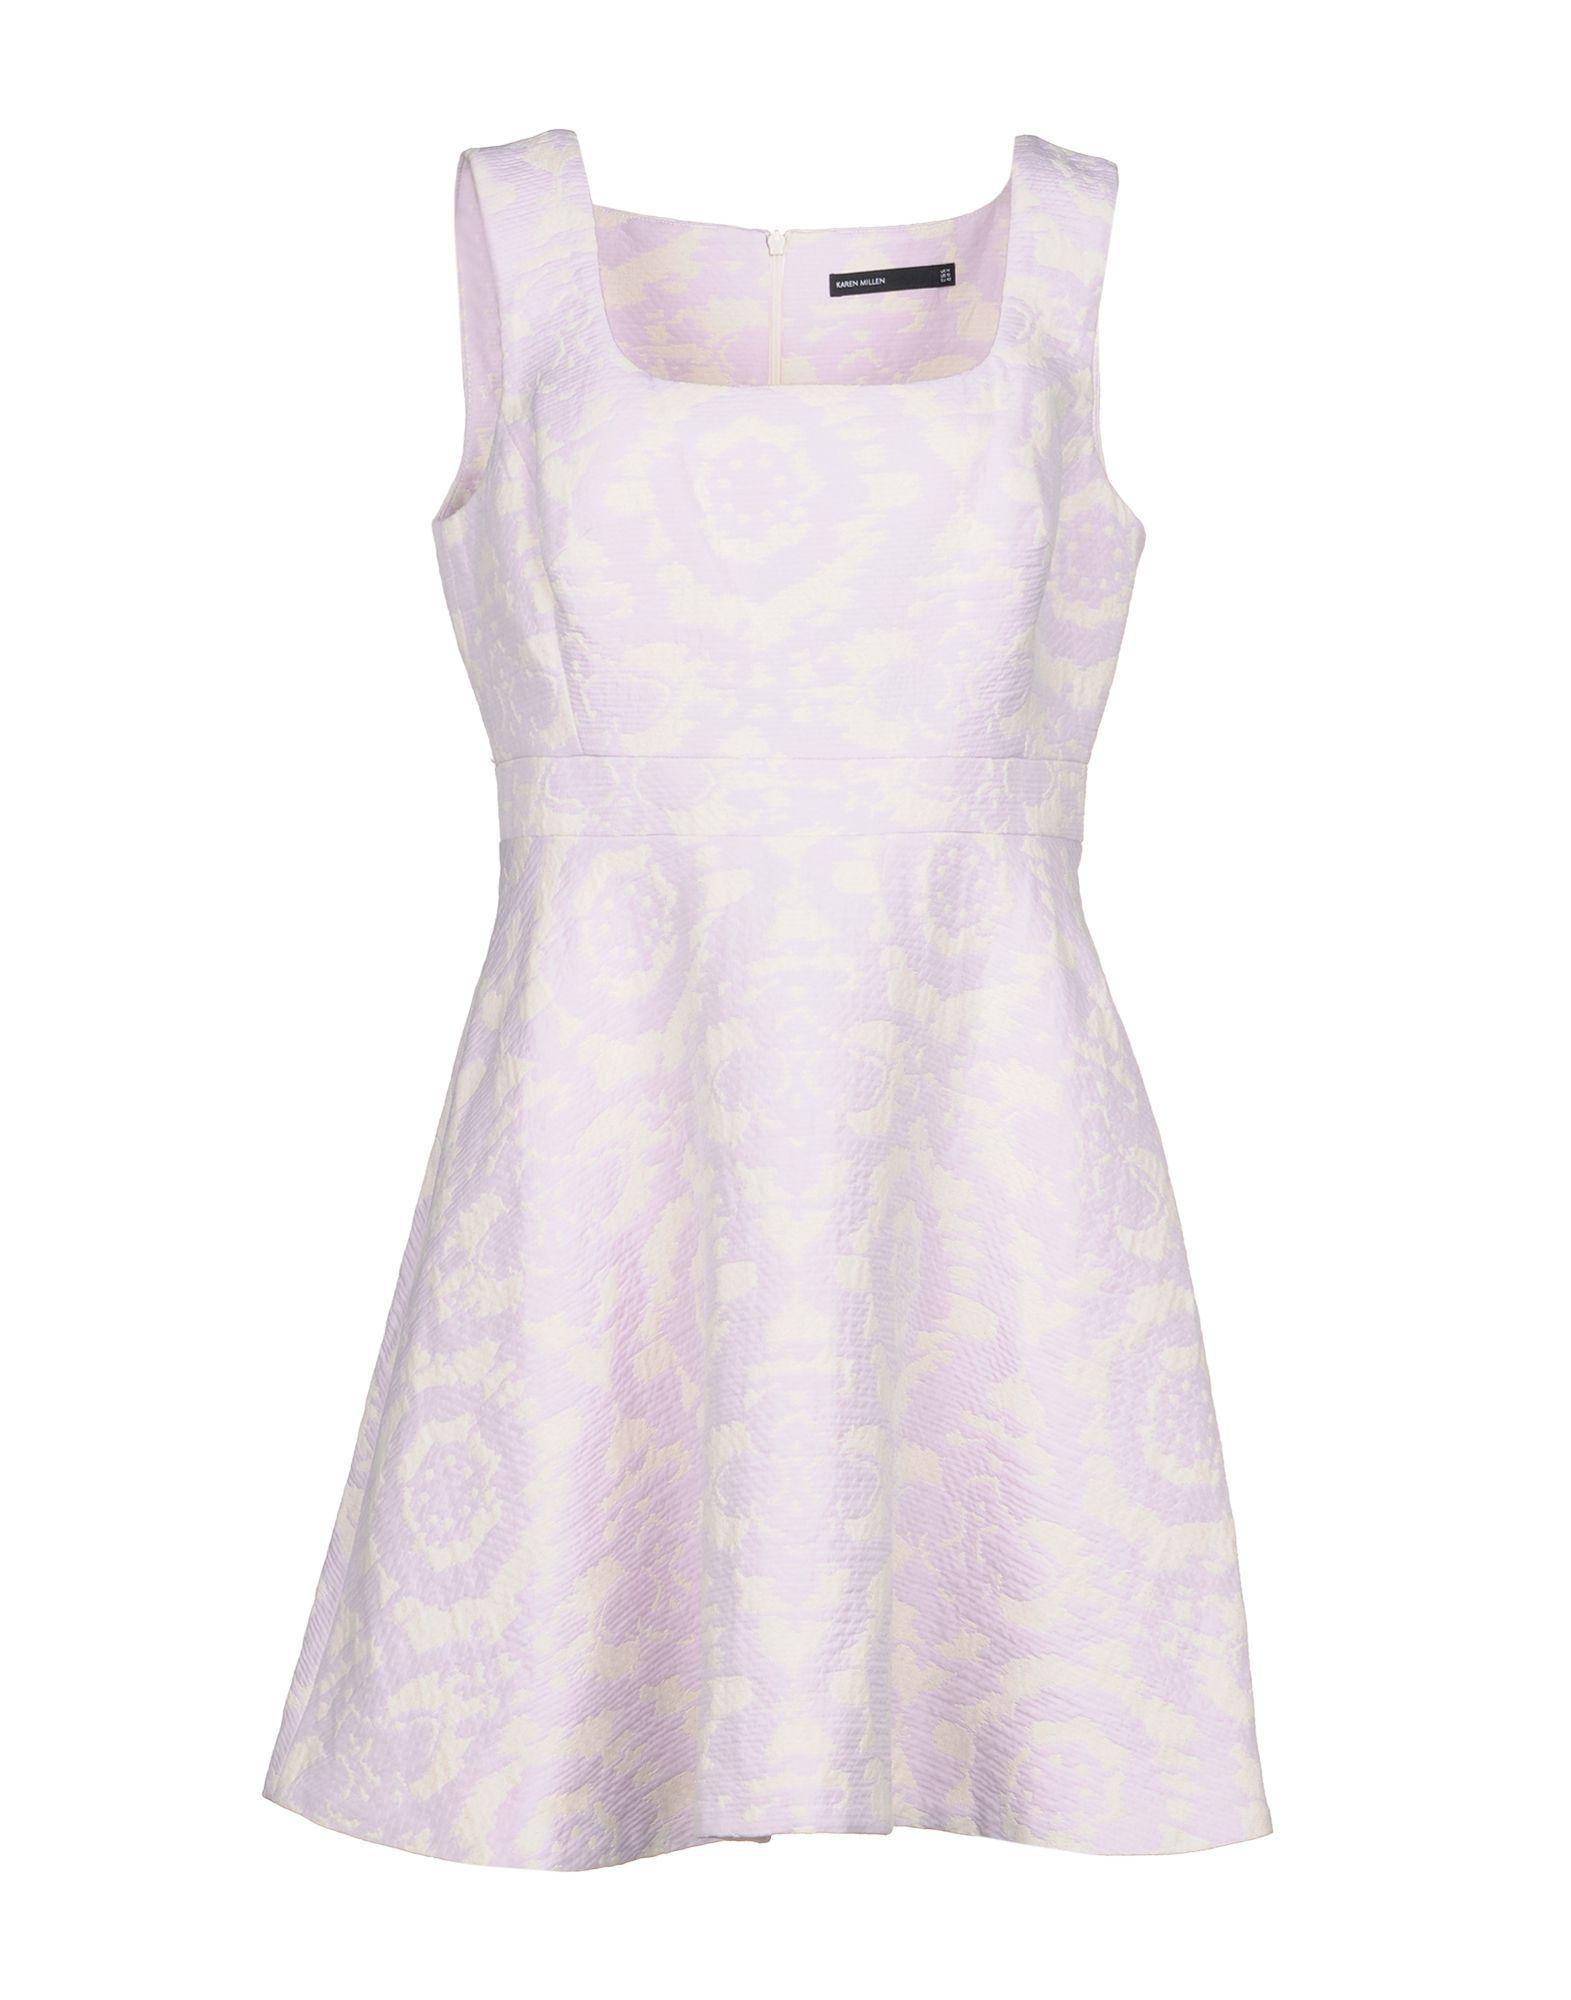 Karen Millen Lilac Jacquard Sleeveless Dress